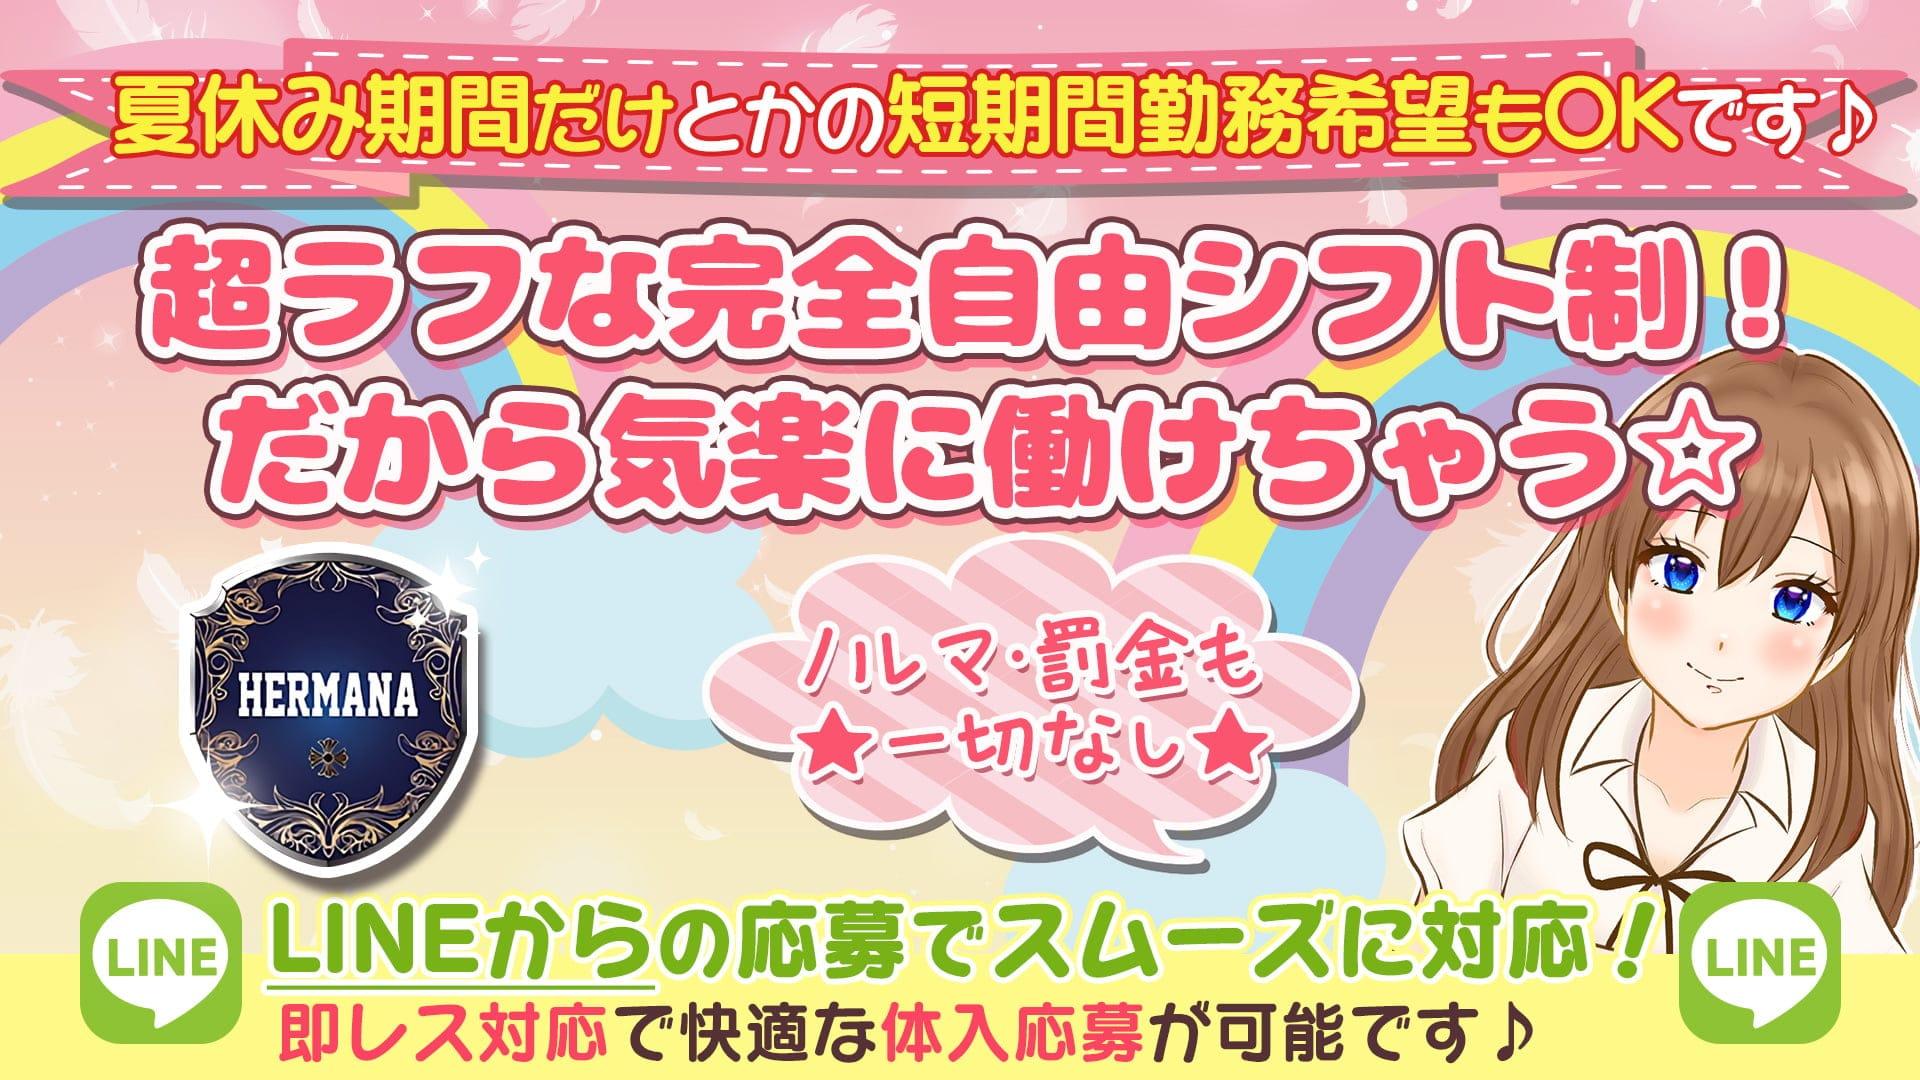 【沼津駅南口】Girls Bar HERMANA(エルマナ)【公式求人・体入情報】 沼津ガールズバー TOP画像